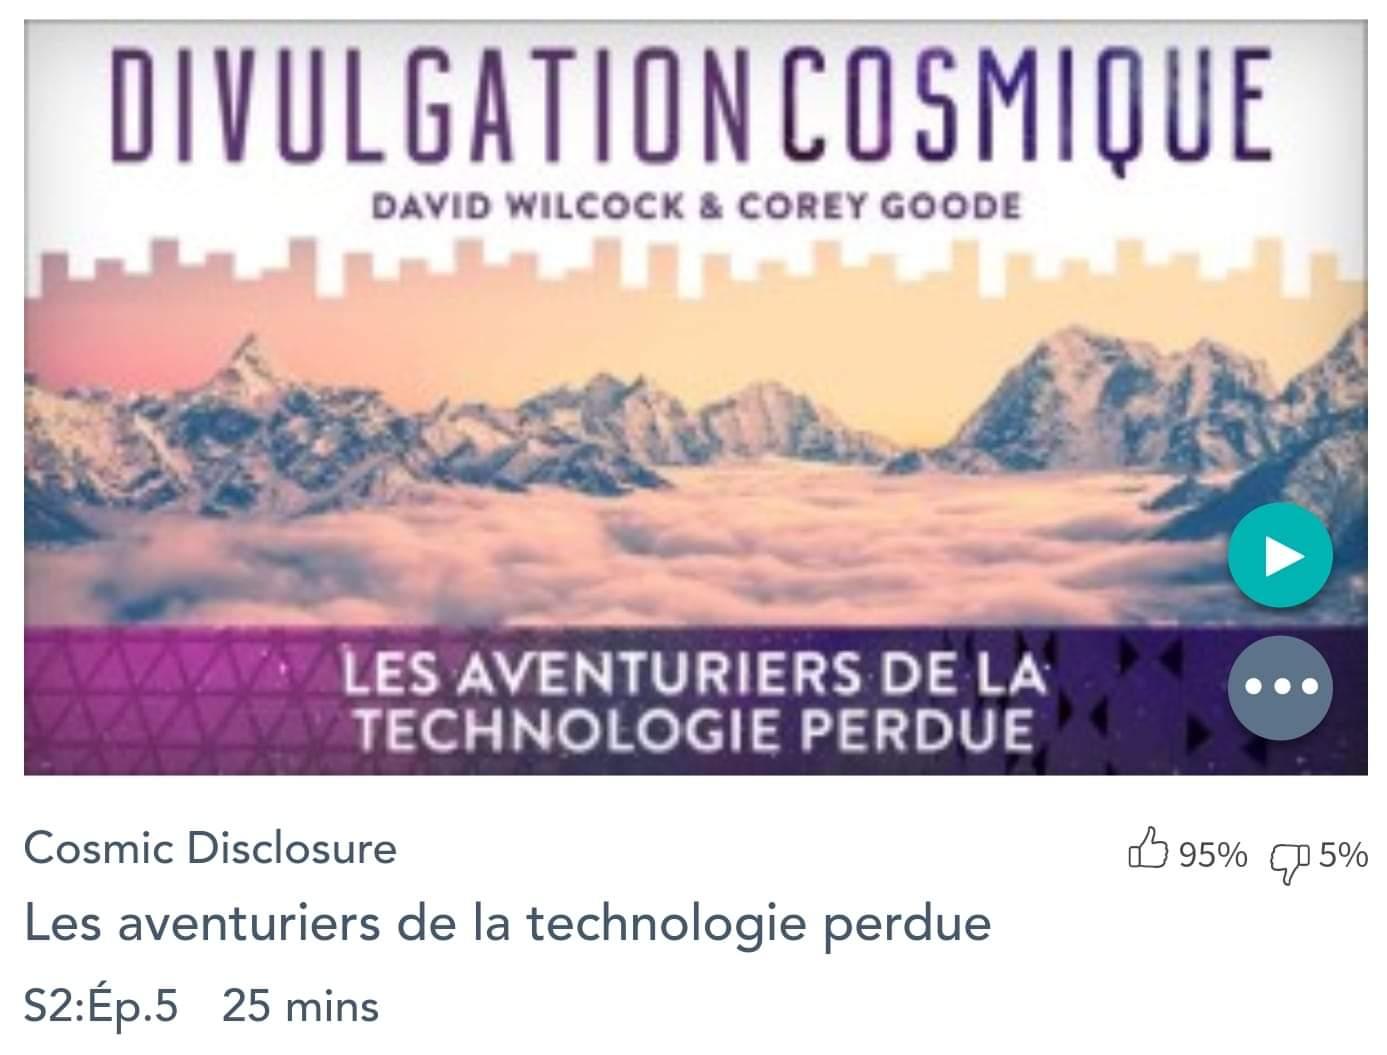 Émission « DIVULGATION COSMIQUE», l'intégrale. Saison 2, épisode 5/17 (Novembre 2015) : LES AVENTURIERS DES TECHNOLOGIES PERDUES